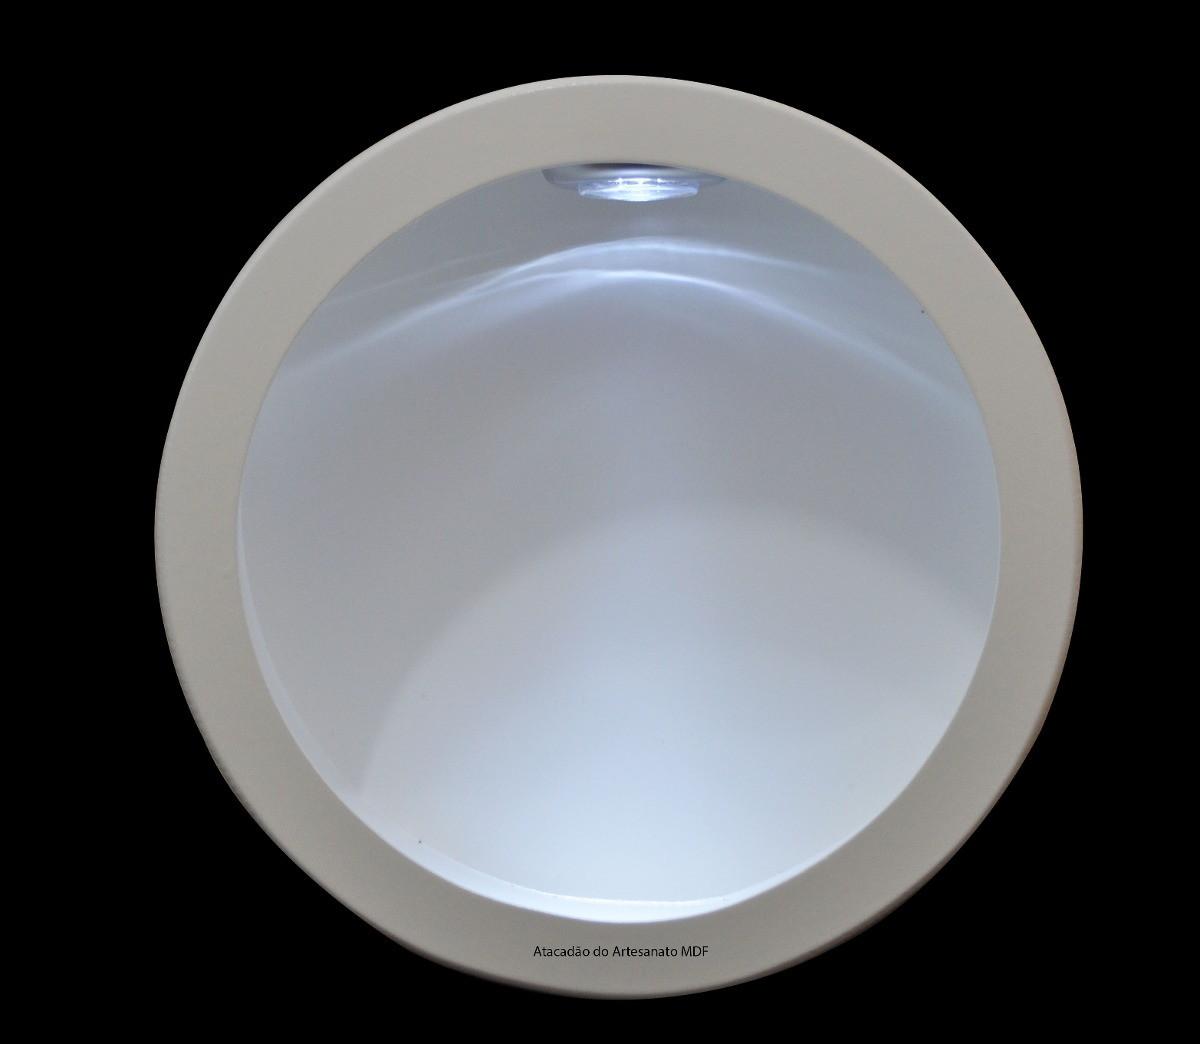 nicho redondo simp 30x30x12 bco c led nicho com led e com vidro #4F637C 1200 1044